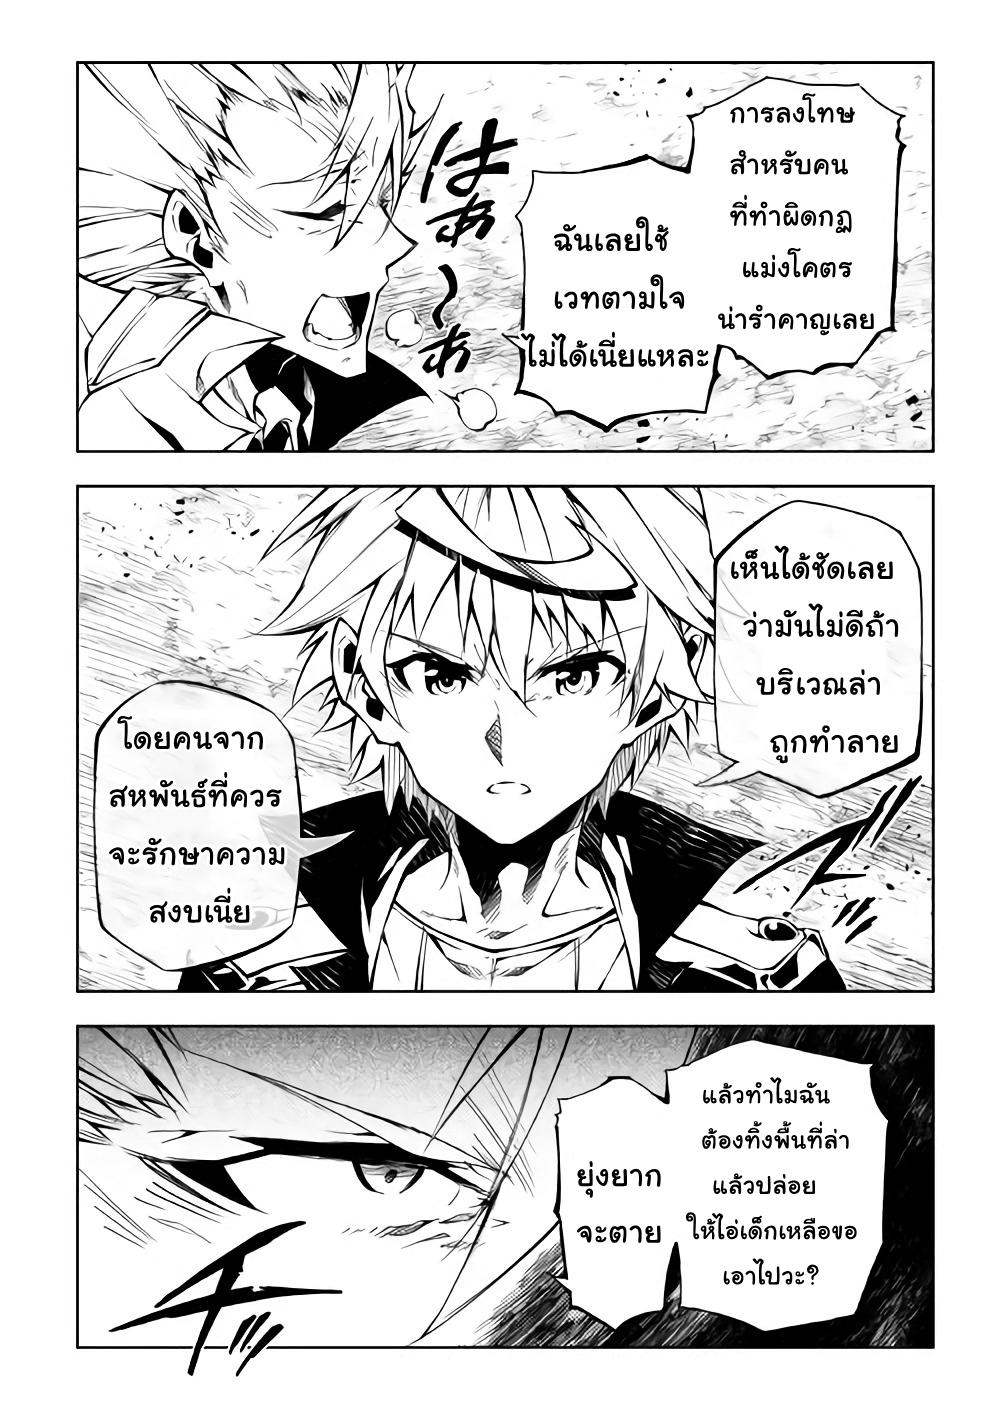 อ่านการ์ตูน Kouritsu Kuriya Madoushi, Dani no Jinsei de Madou o Kiwameru ตอนที่ 29 กระสุนเวทย์มนตร์ที่ชั่วร้าย หน้า 24